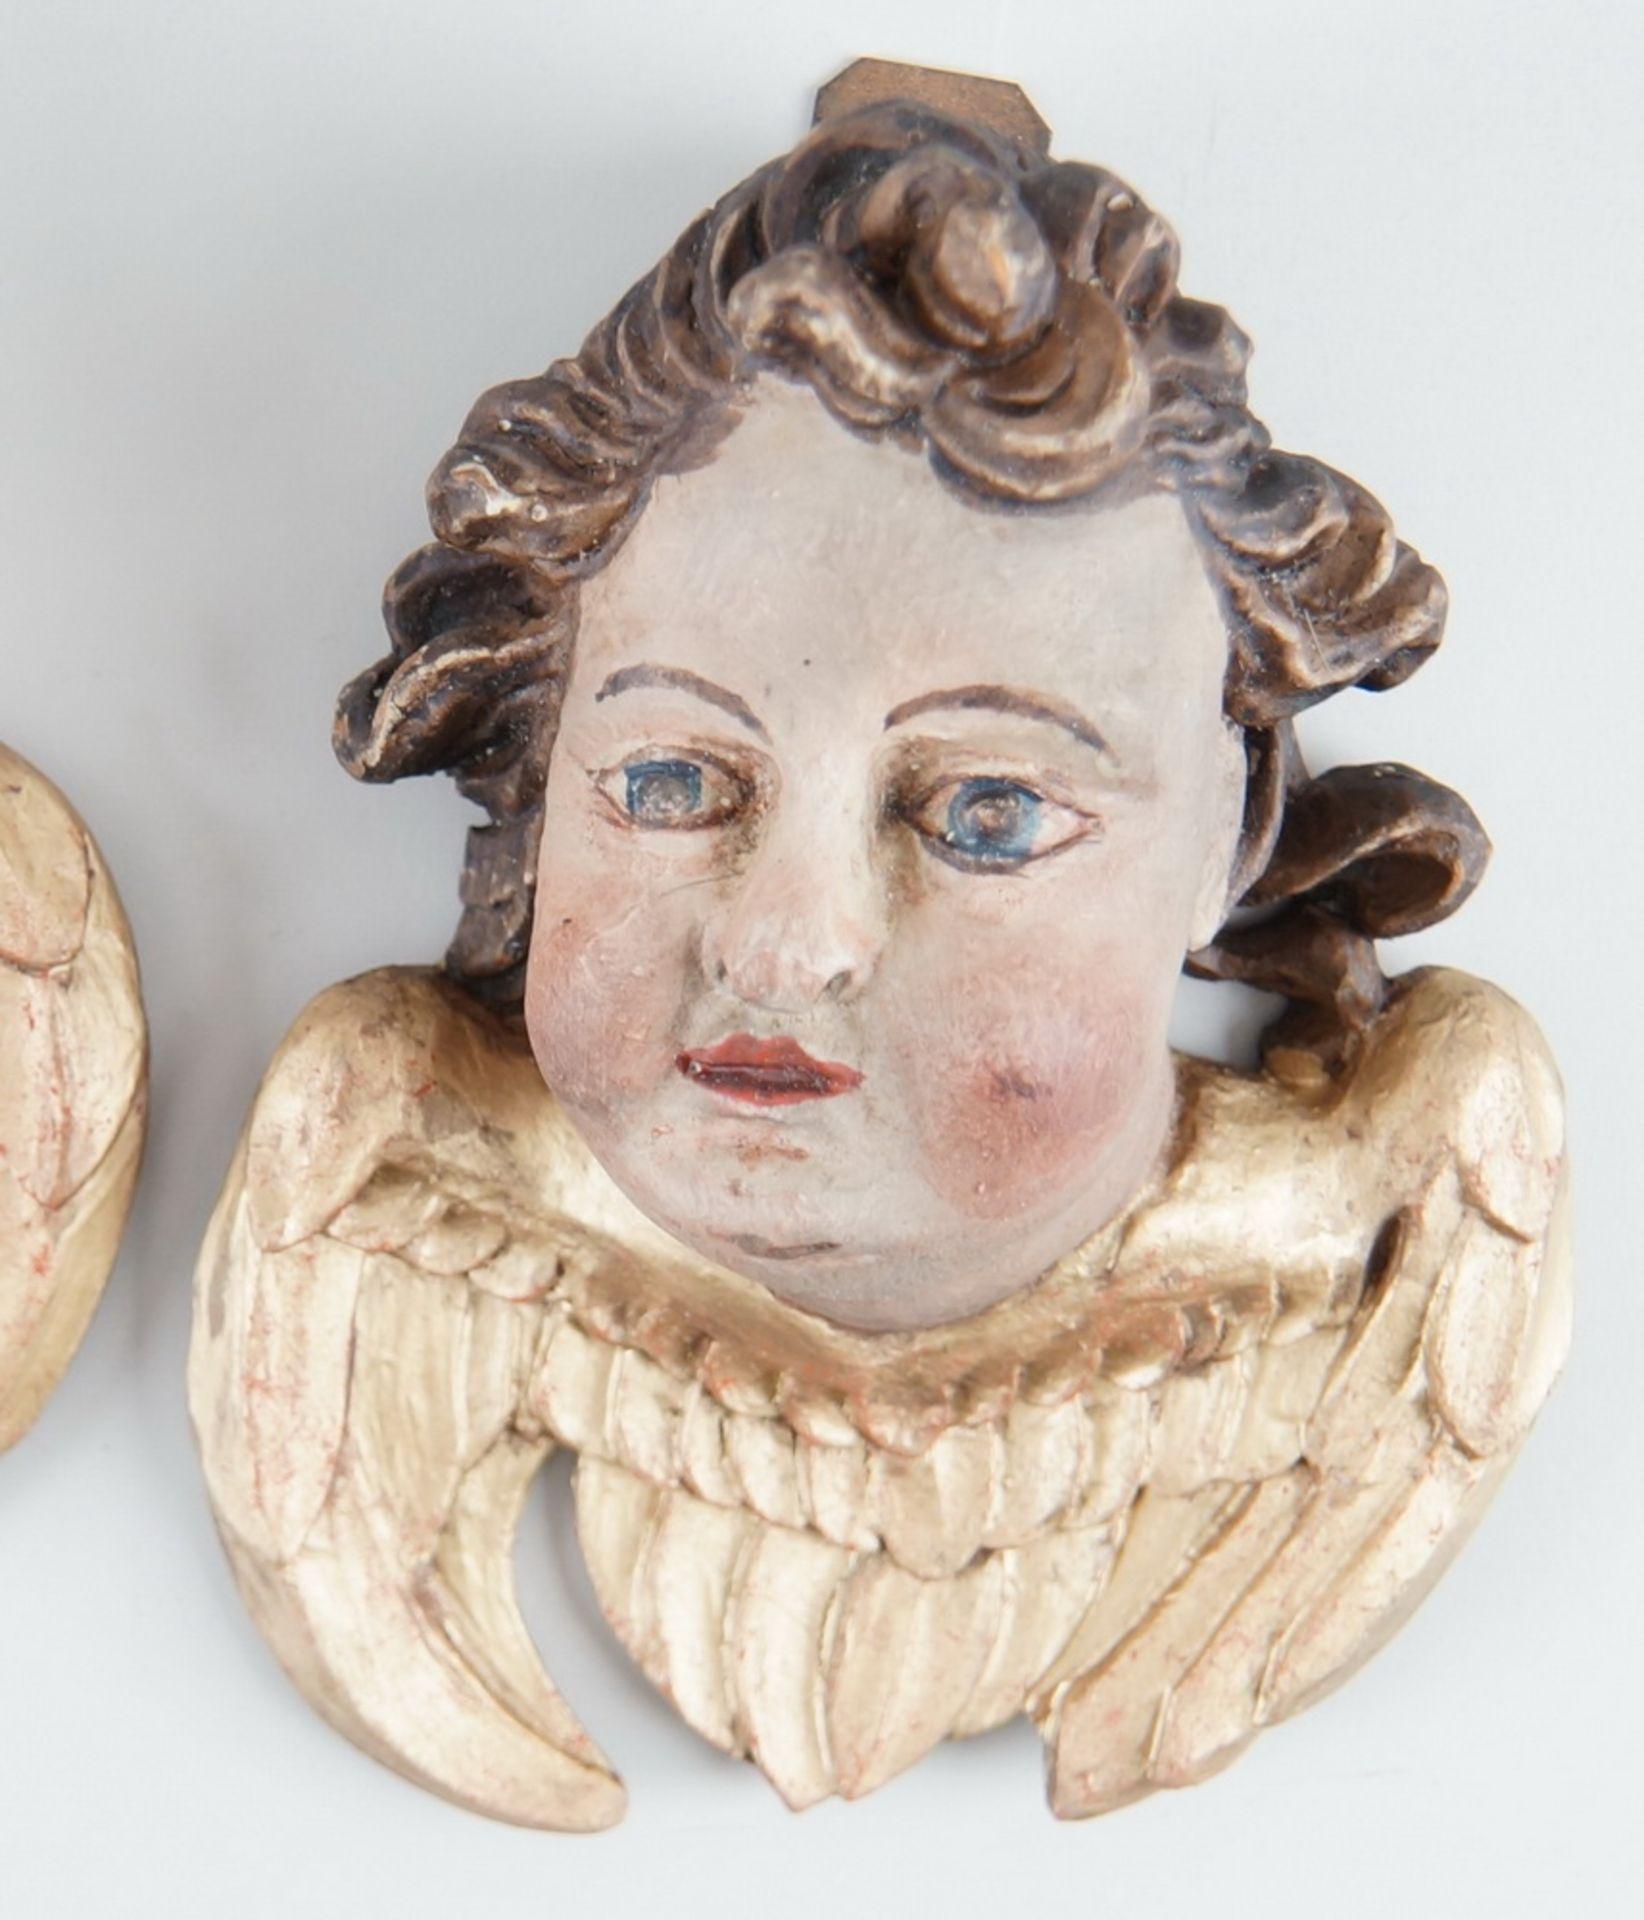 Paar Engelsköpfe mit Flügel, Holz geschnitzt und gefasst, 18. JH, rest., H ca. 20 cm - Bild 4 aus 5